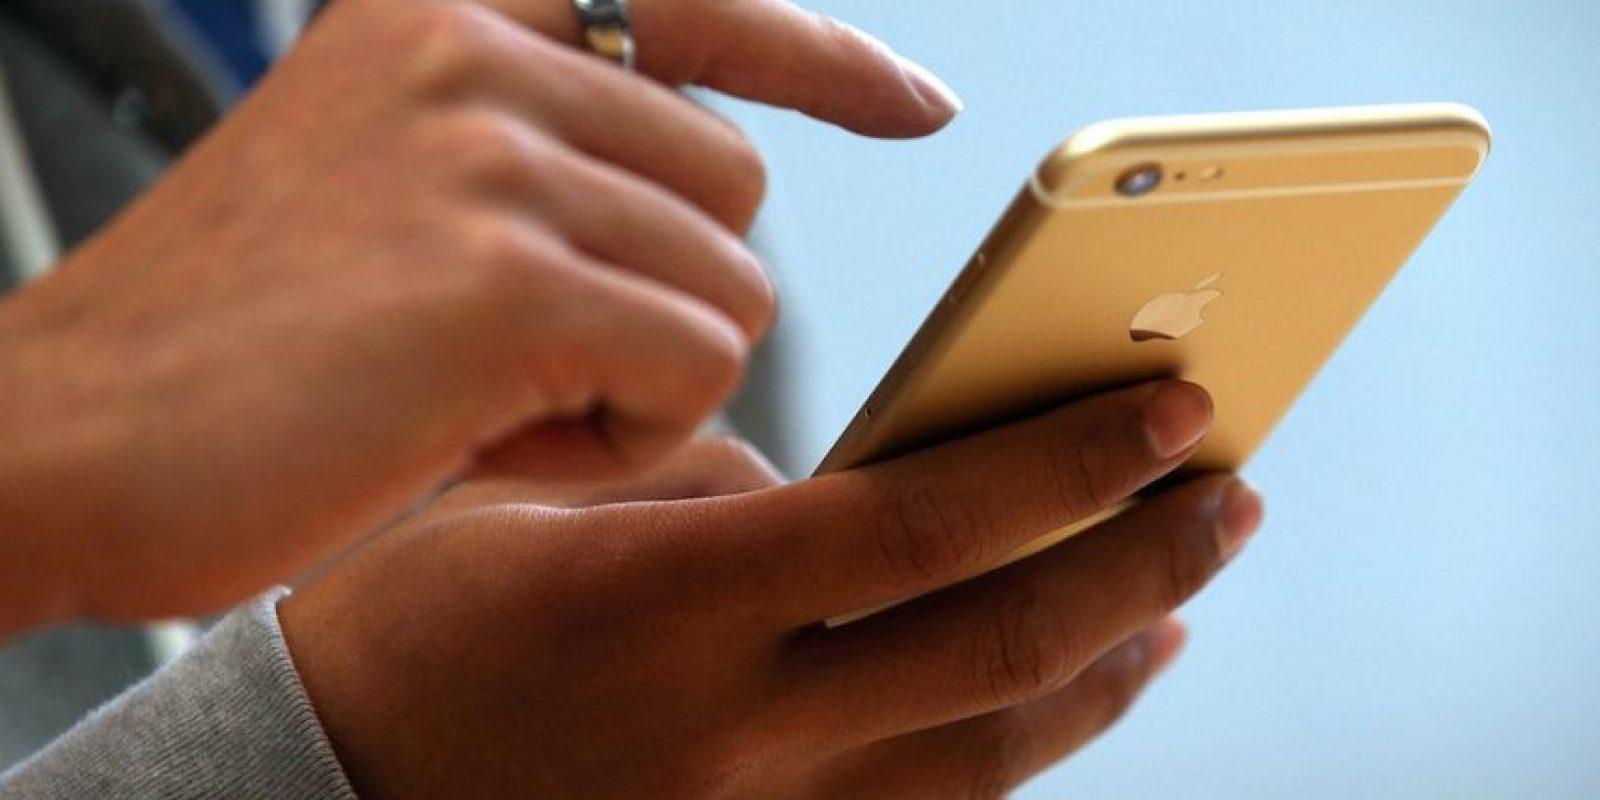 """Menos feo: Un usuario escribió que no creía que el iPhone 6 estuviera siquiera cerca de lo que todos pensaban del iPhone 5s debido a """"el bulto de cámara"""" y """"las vulgares líneas de plástico que se observan a través de todo el dispositivo"""". Foto:Getty Images"""